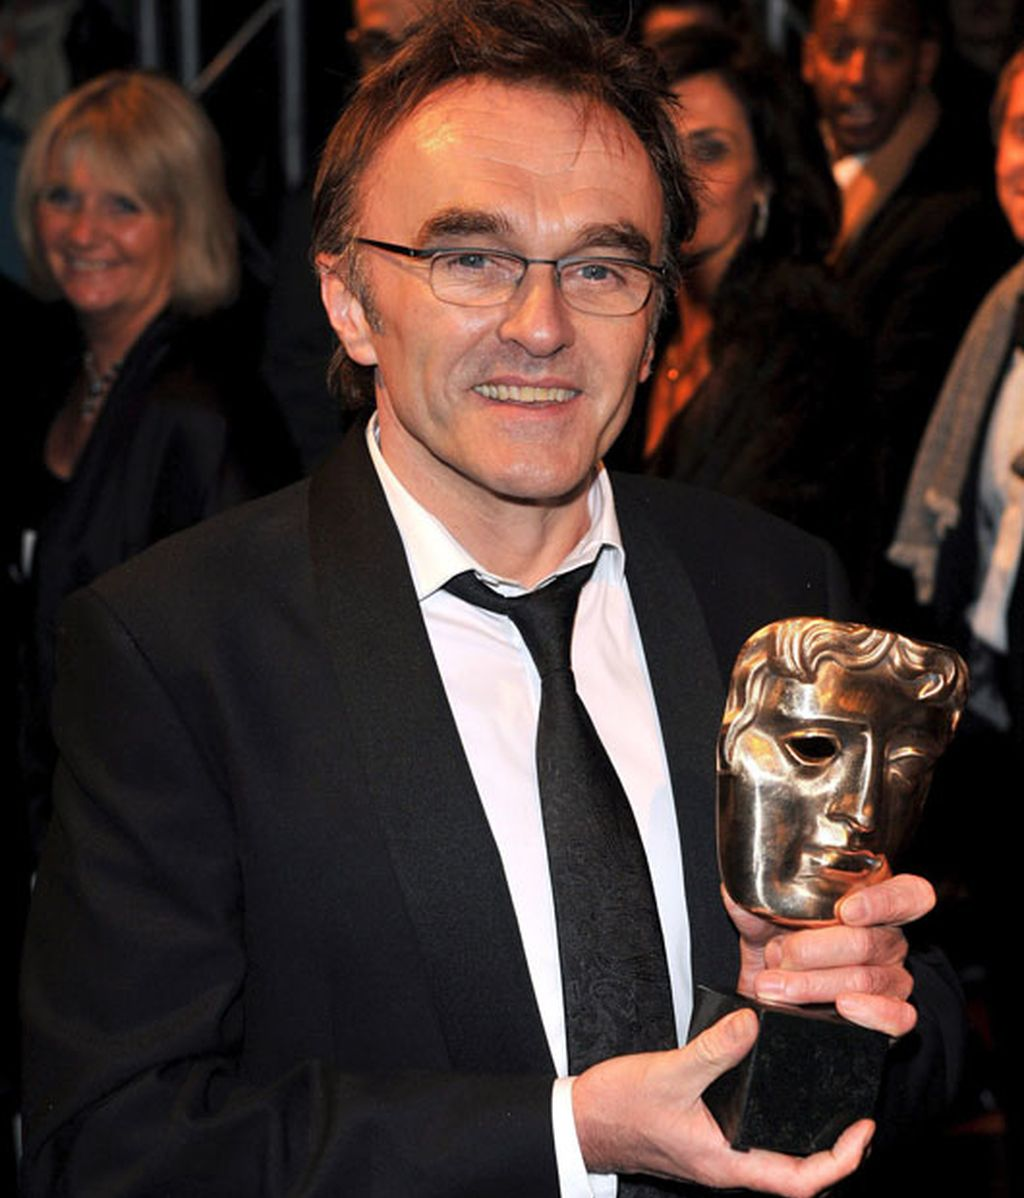 BAFTA A MEJOR PELÍCULA PARA 'Slumdog millionaire'